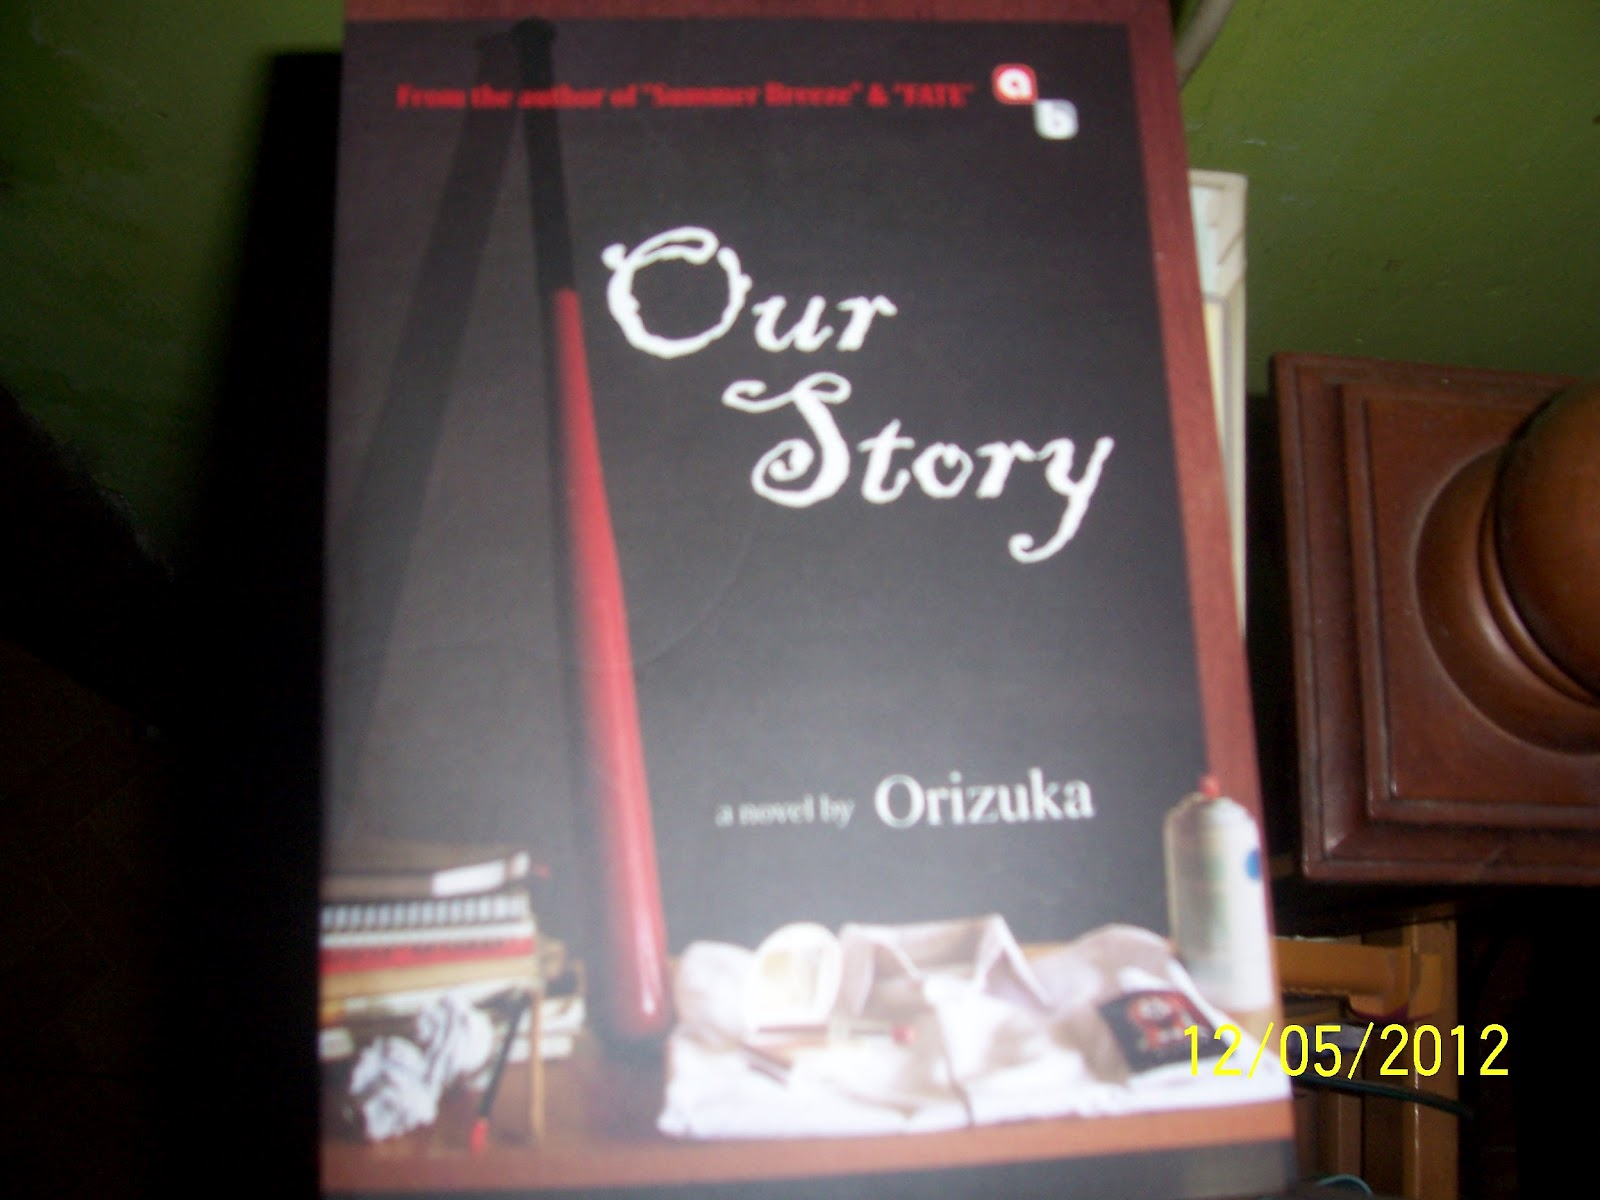 Orizuka pdf i for you